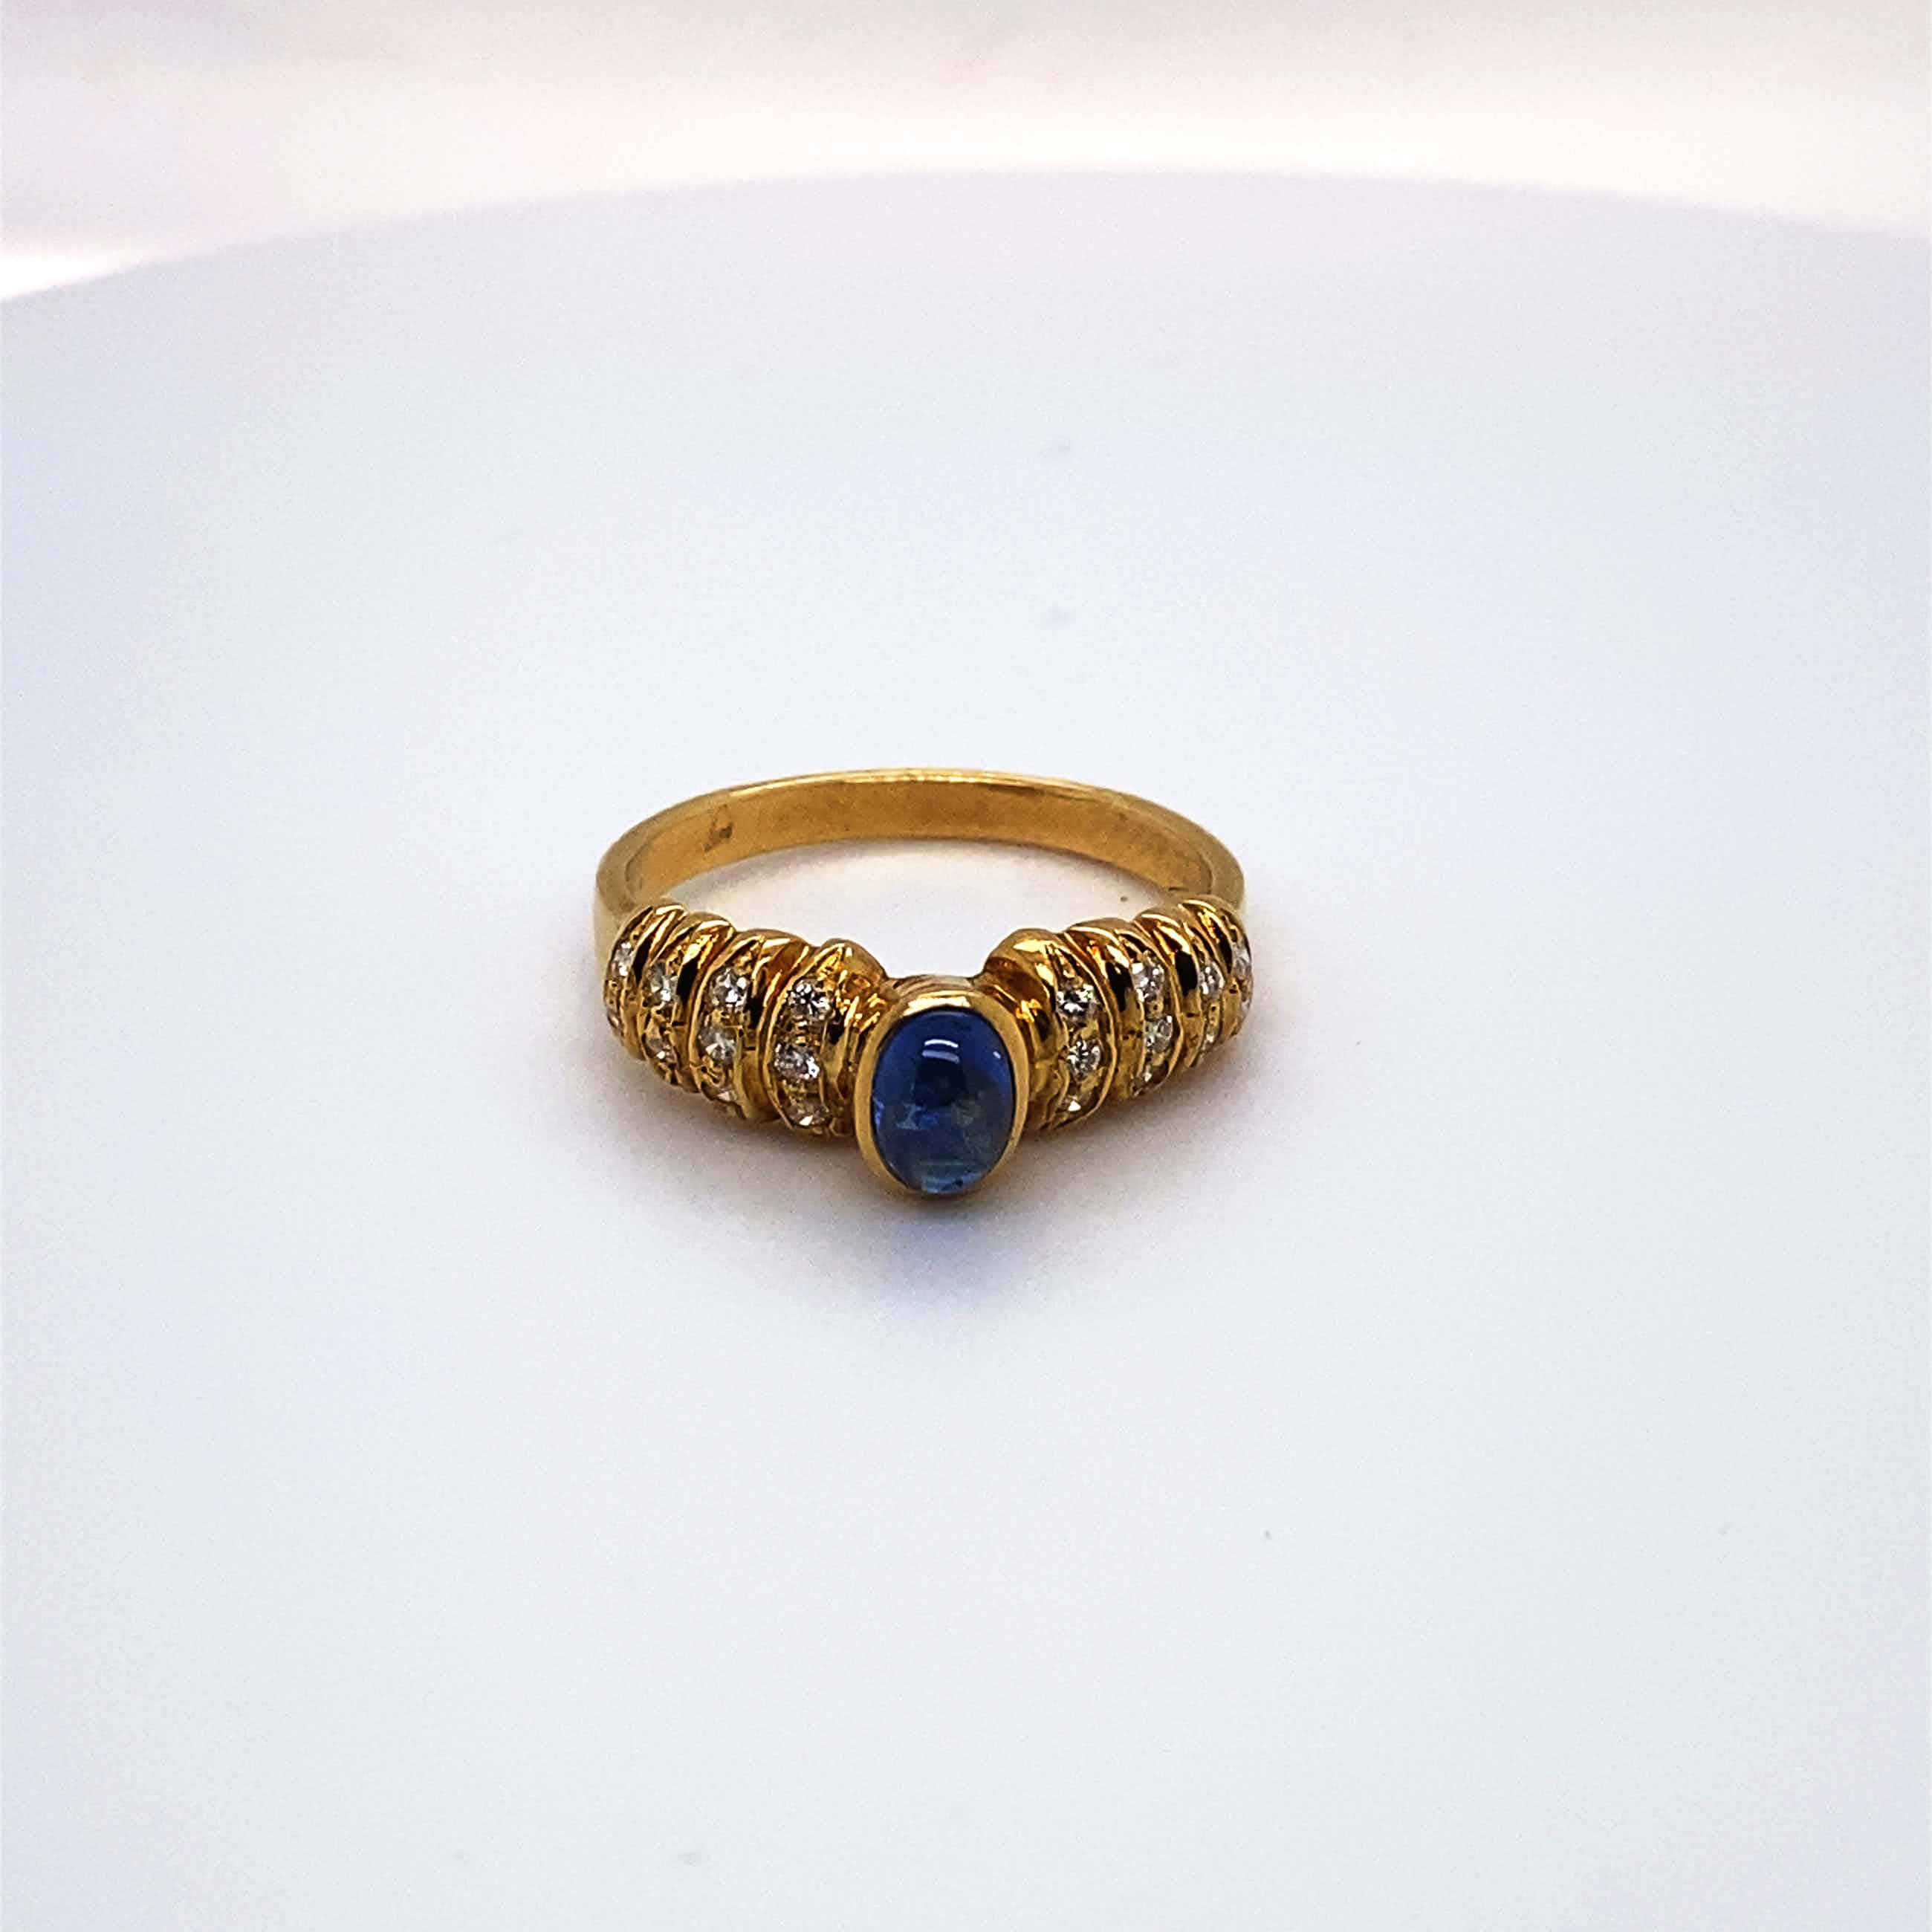 18kt gouden diamanten ring+saffier, maat 54/17,25, 4,06 gr kopen? Bied vanaf 200!